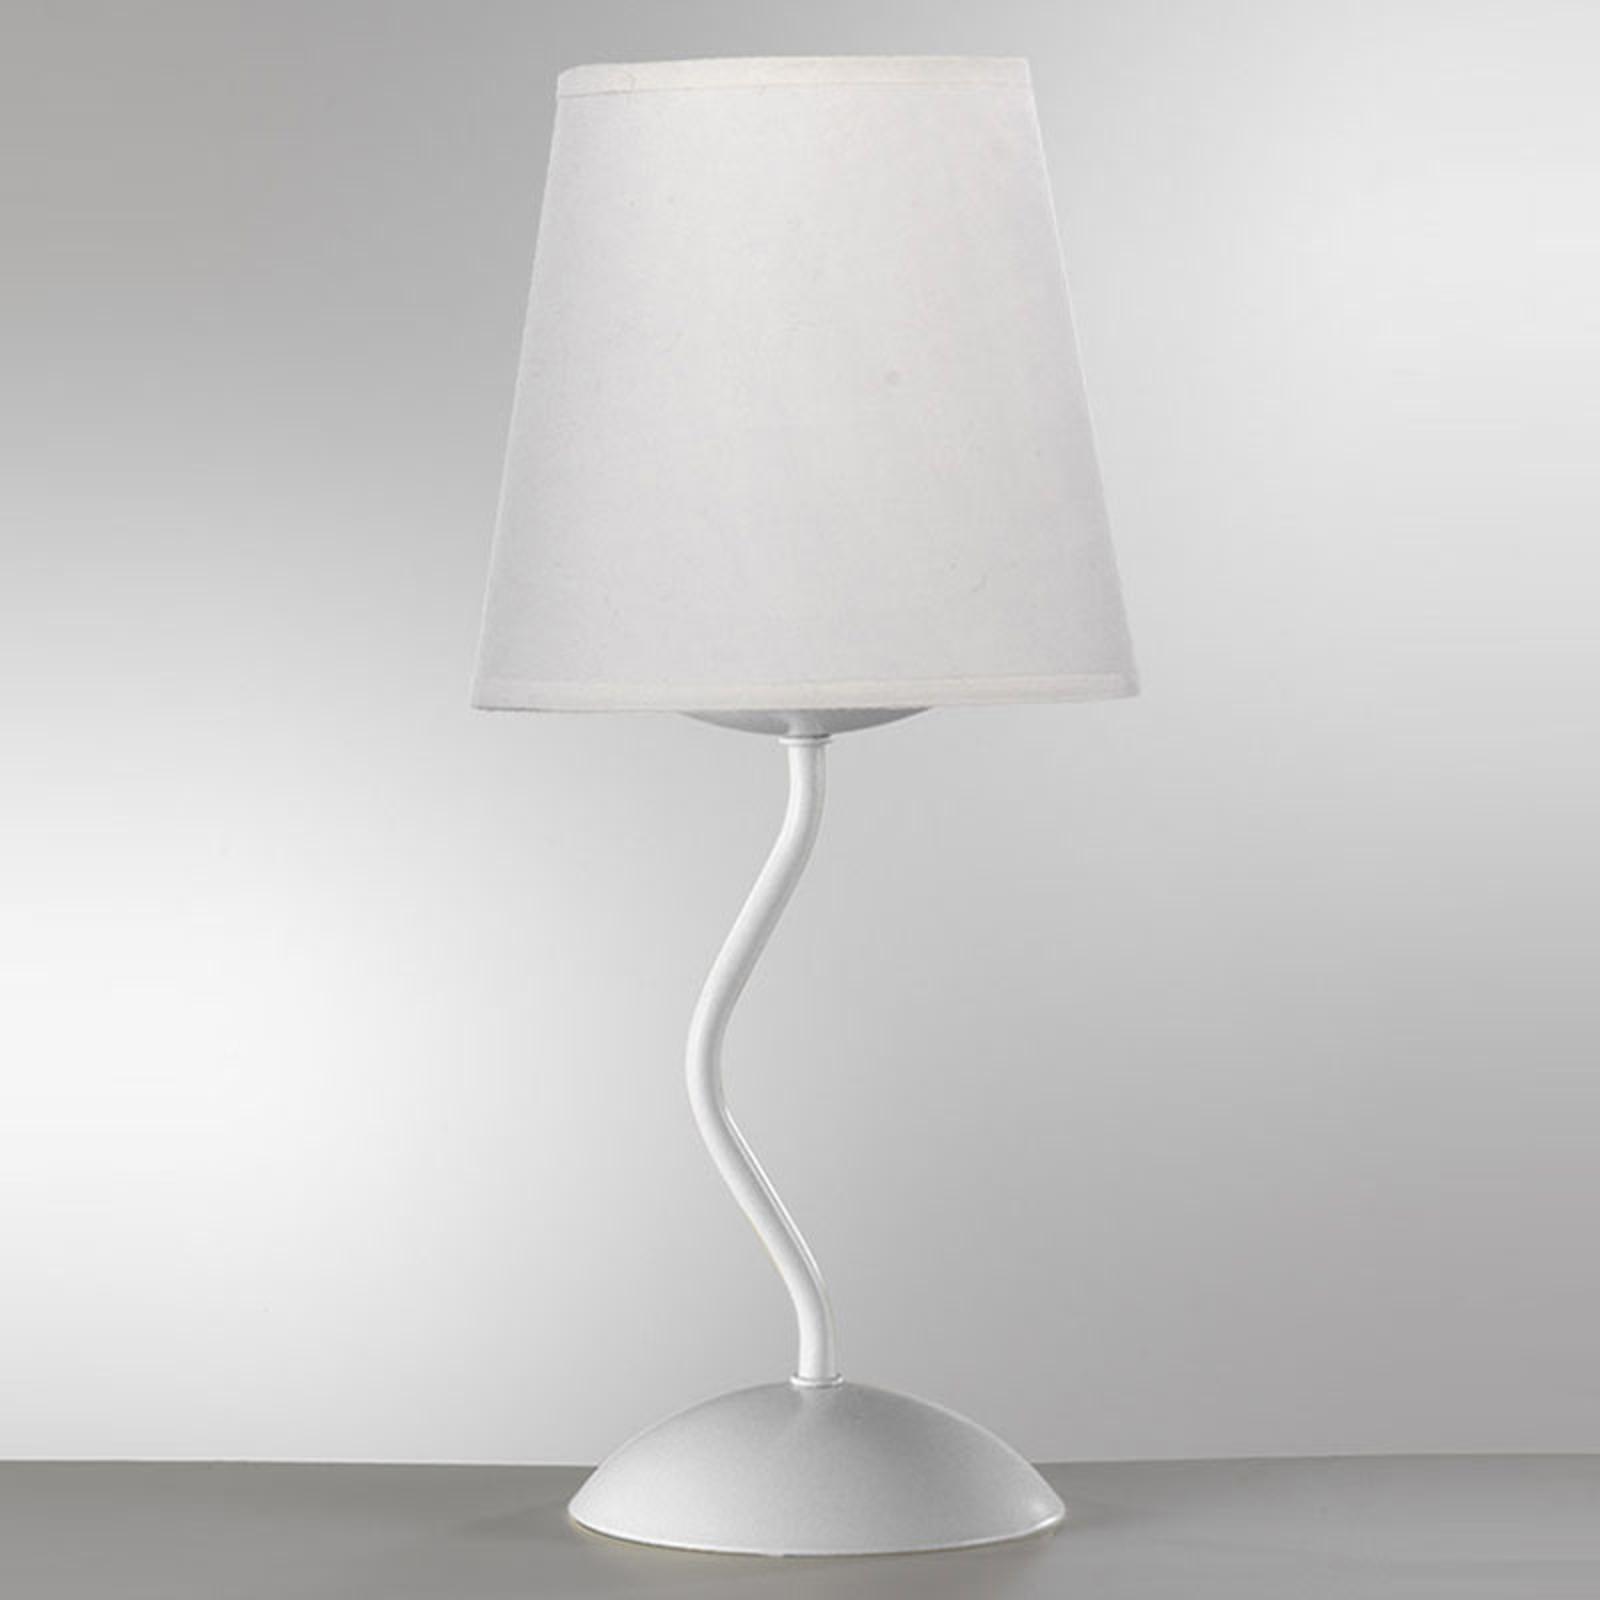 Lampa stołowa Margot z białym kloszem tekstylnym